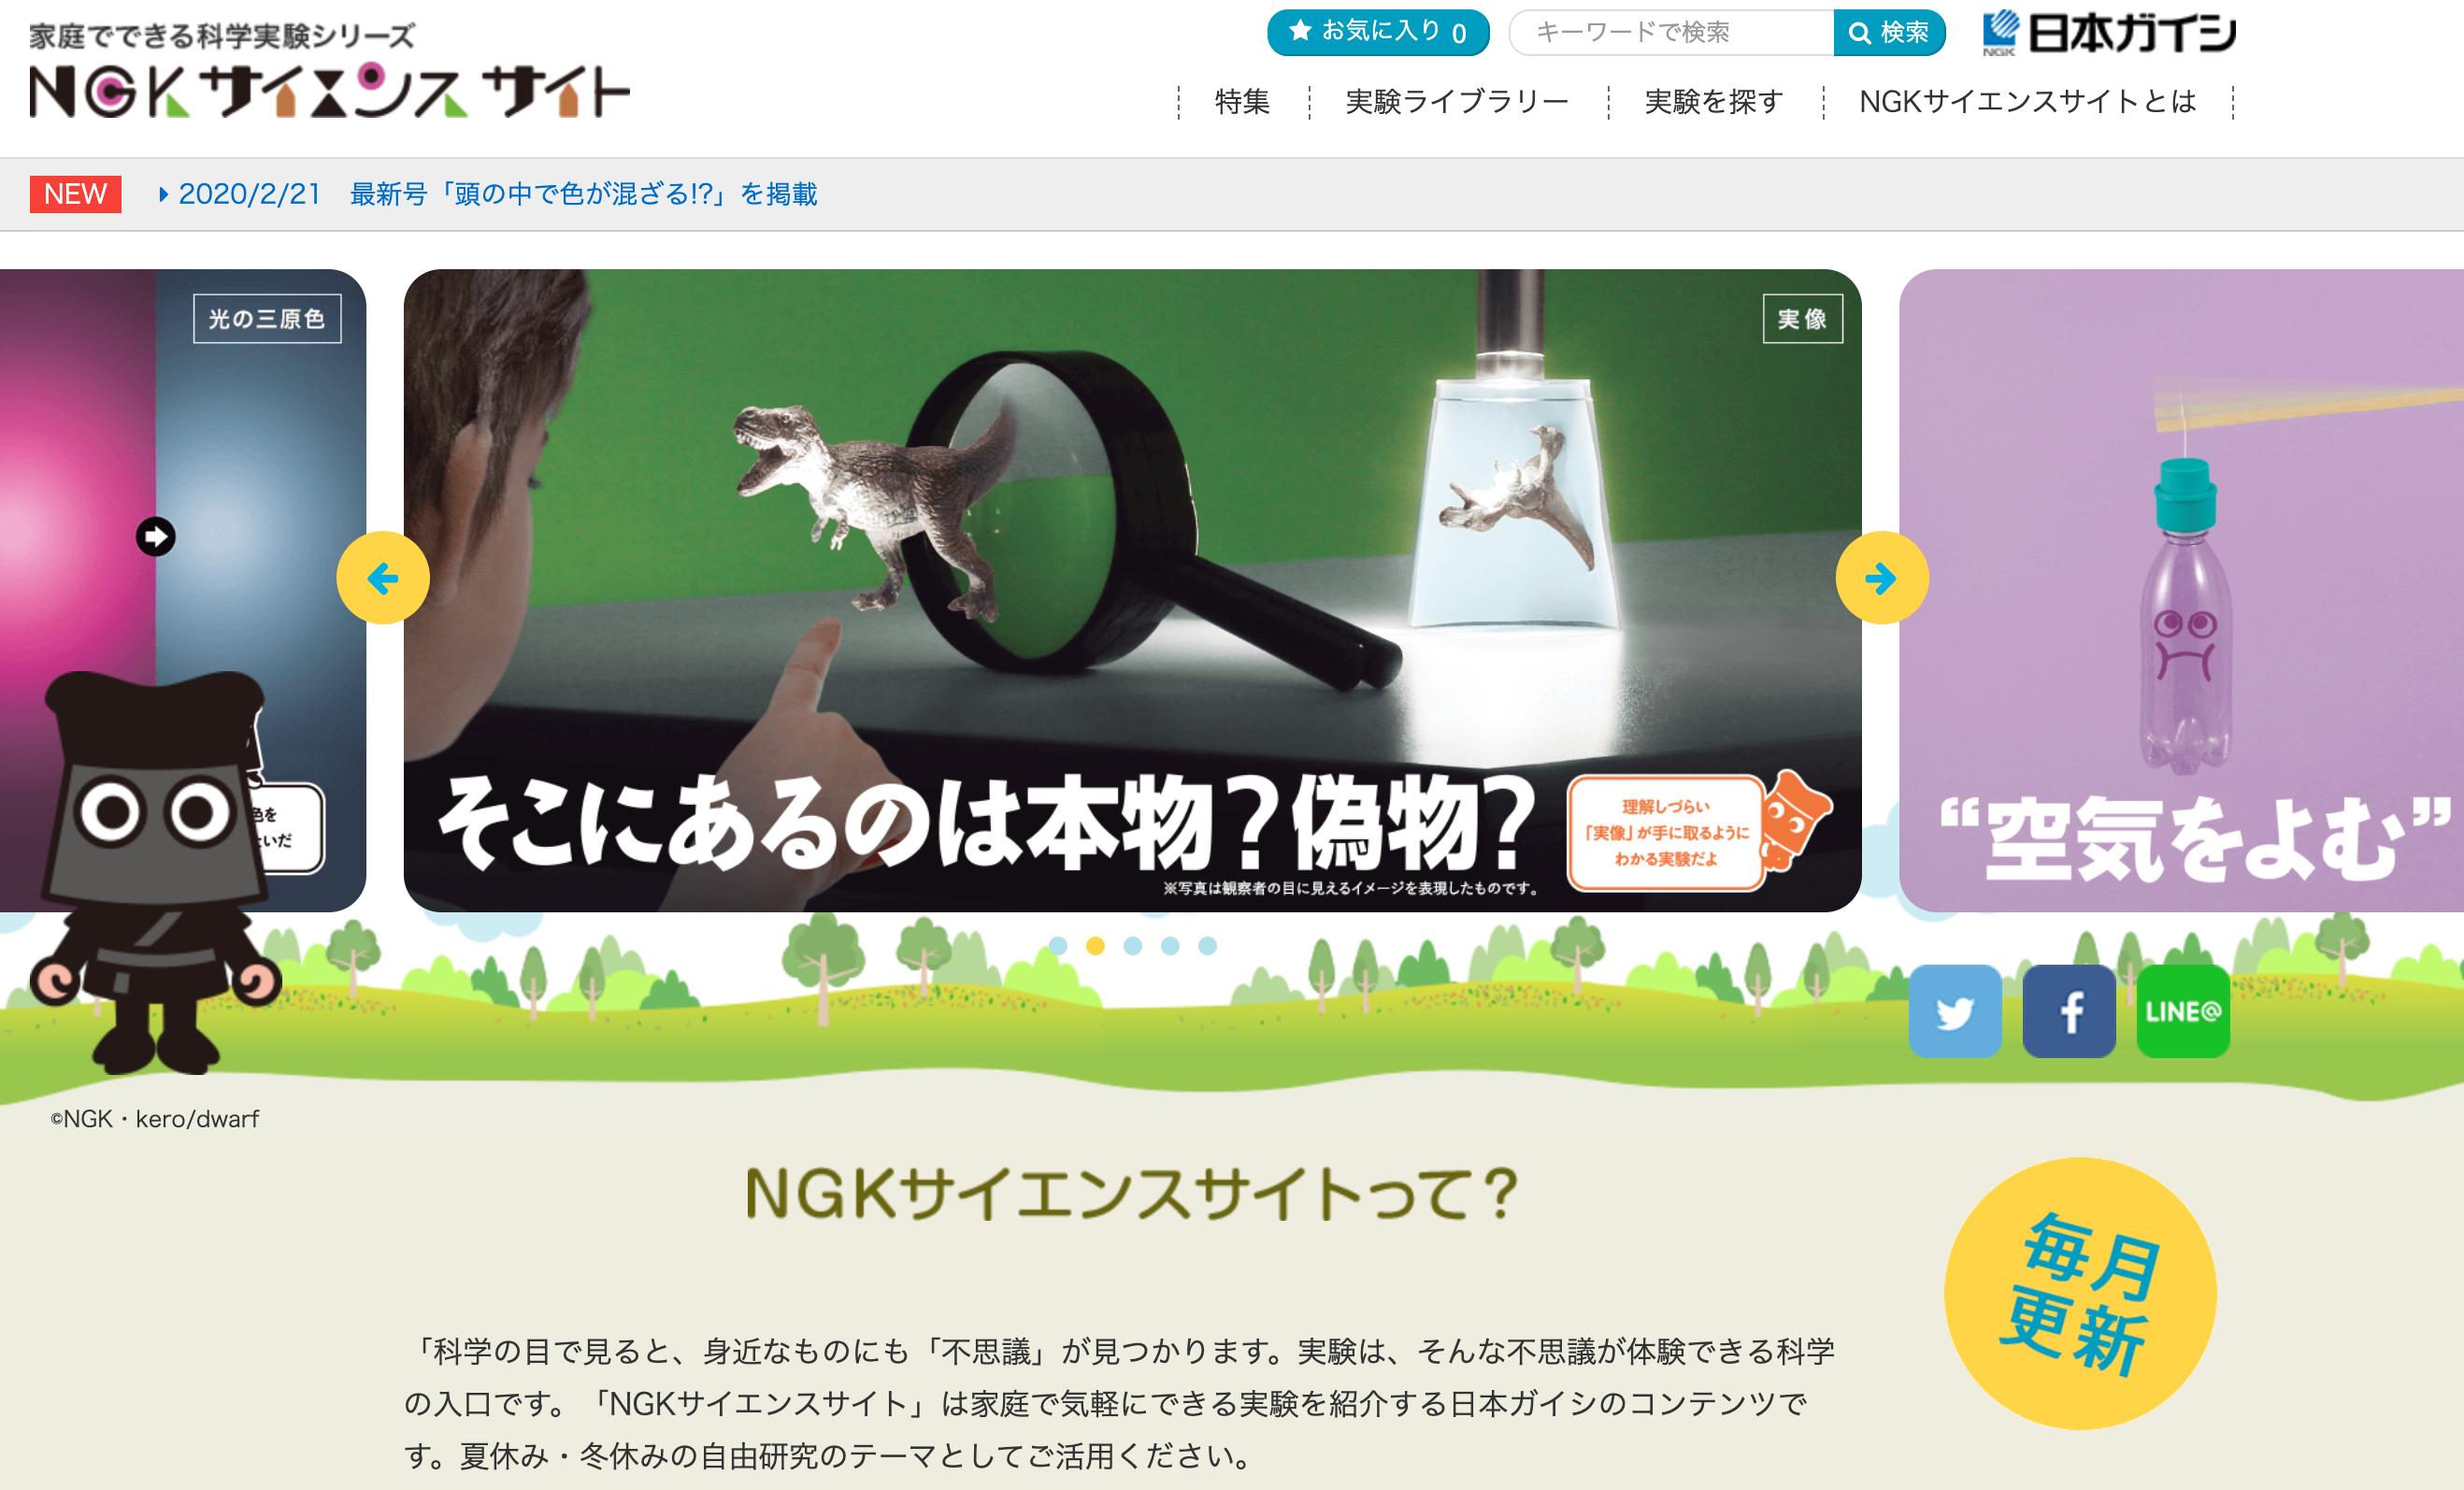 NGKサイエンスサイト